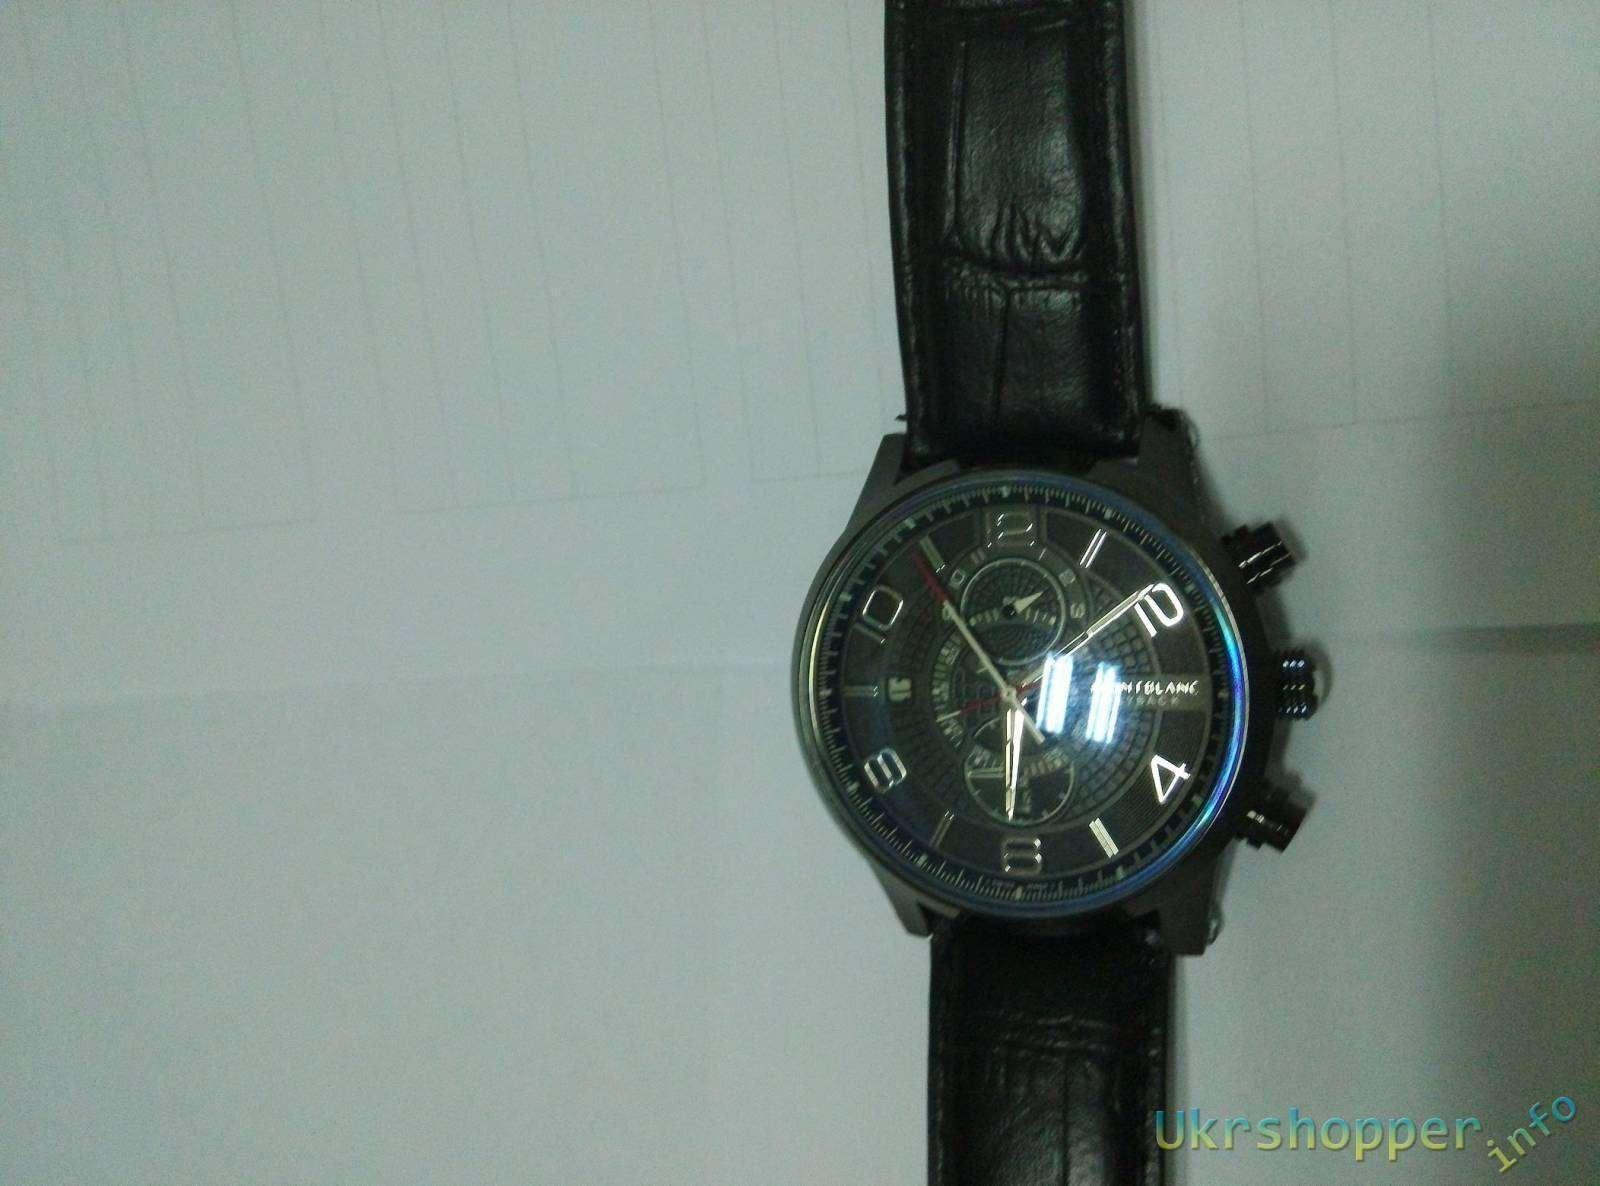 Popkind: Обзор мужских часов хронометра Montblanc Flyback 7175 с автоподзаводом